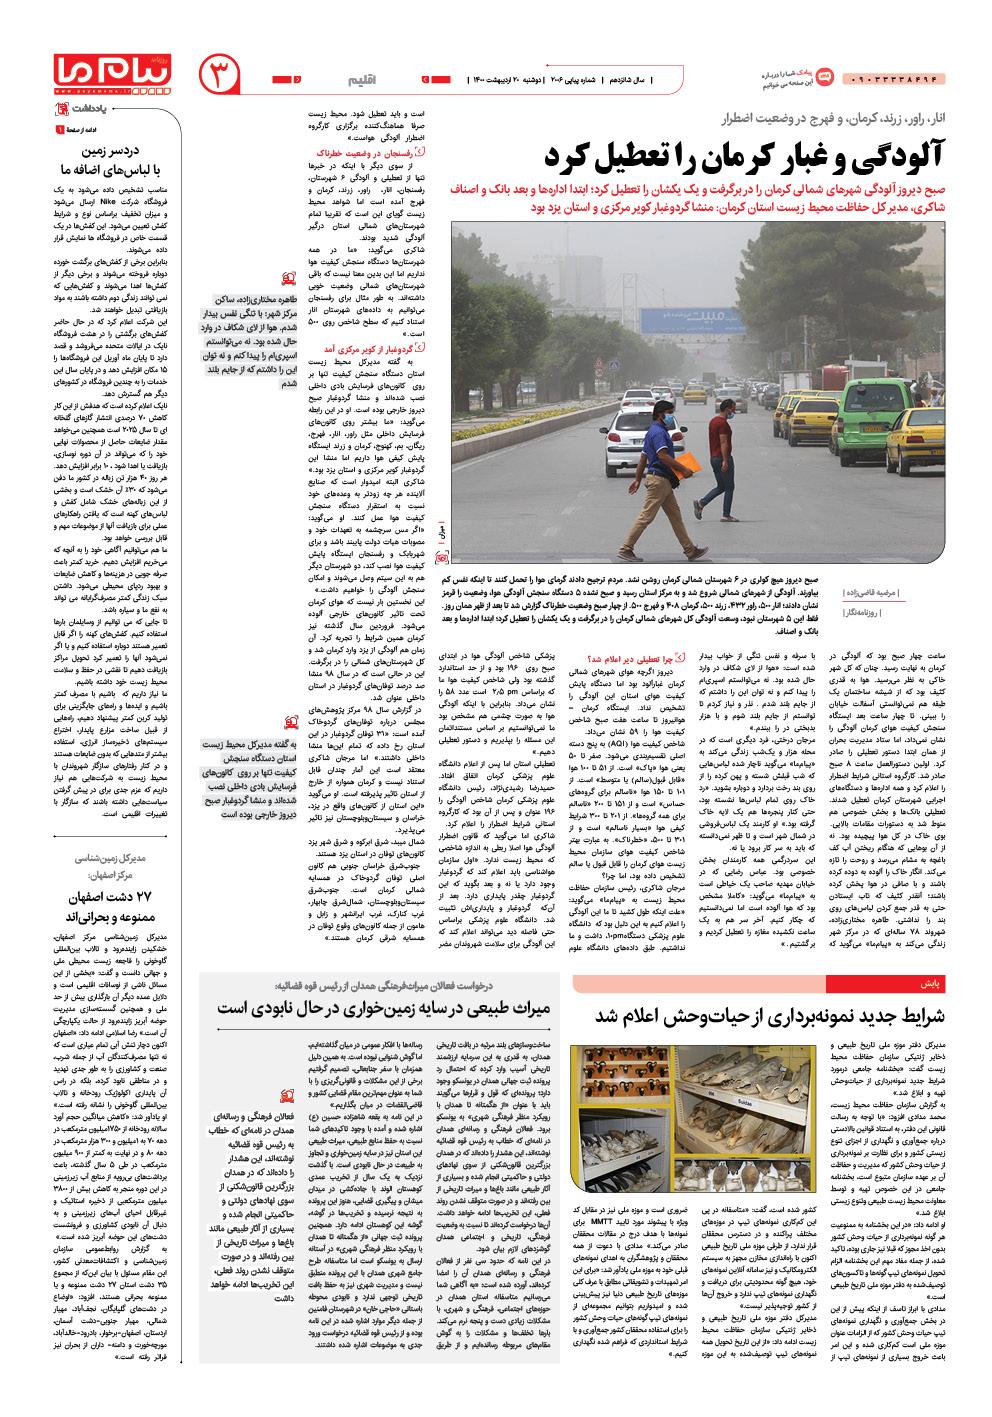 آلودگی و غبار کرمان را تعطیل کرد